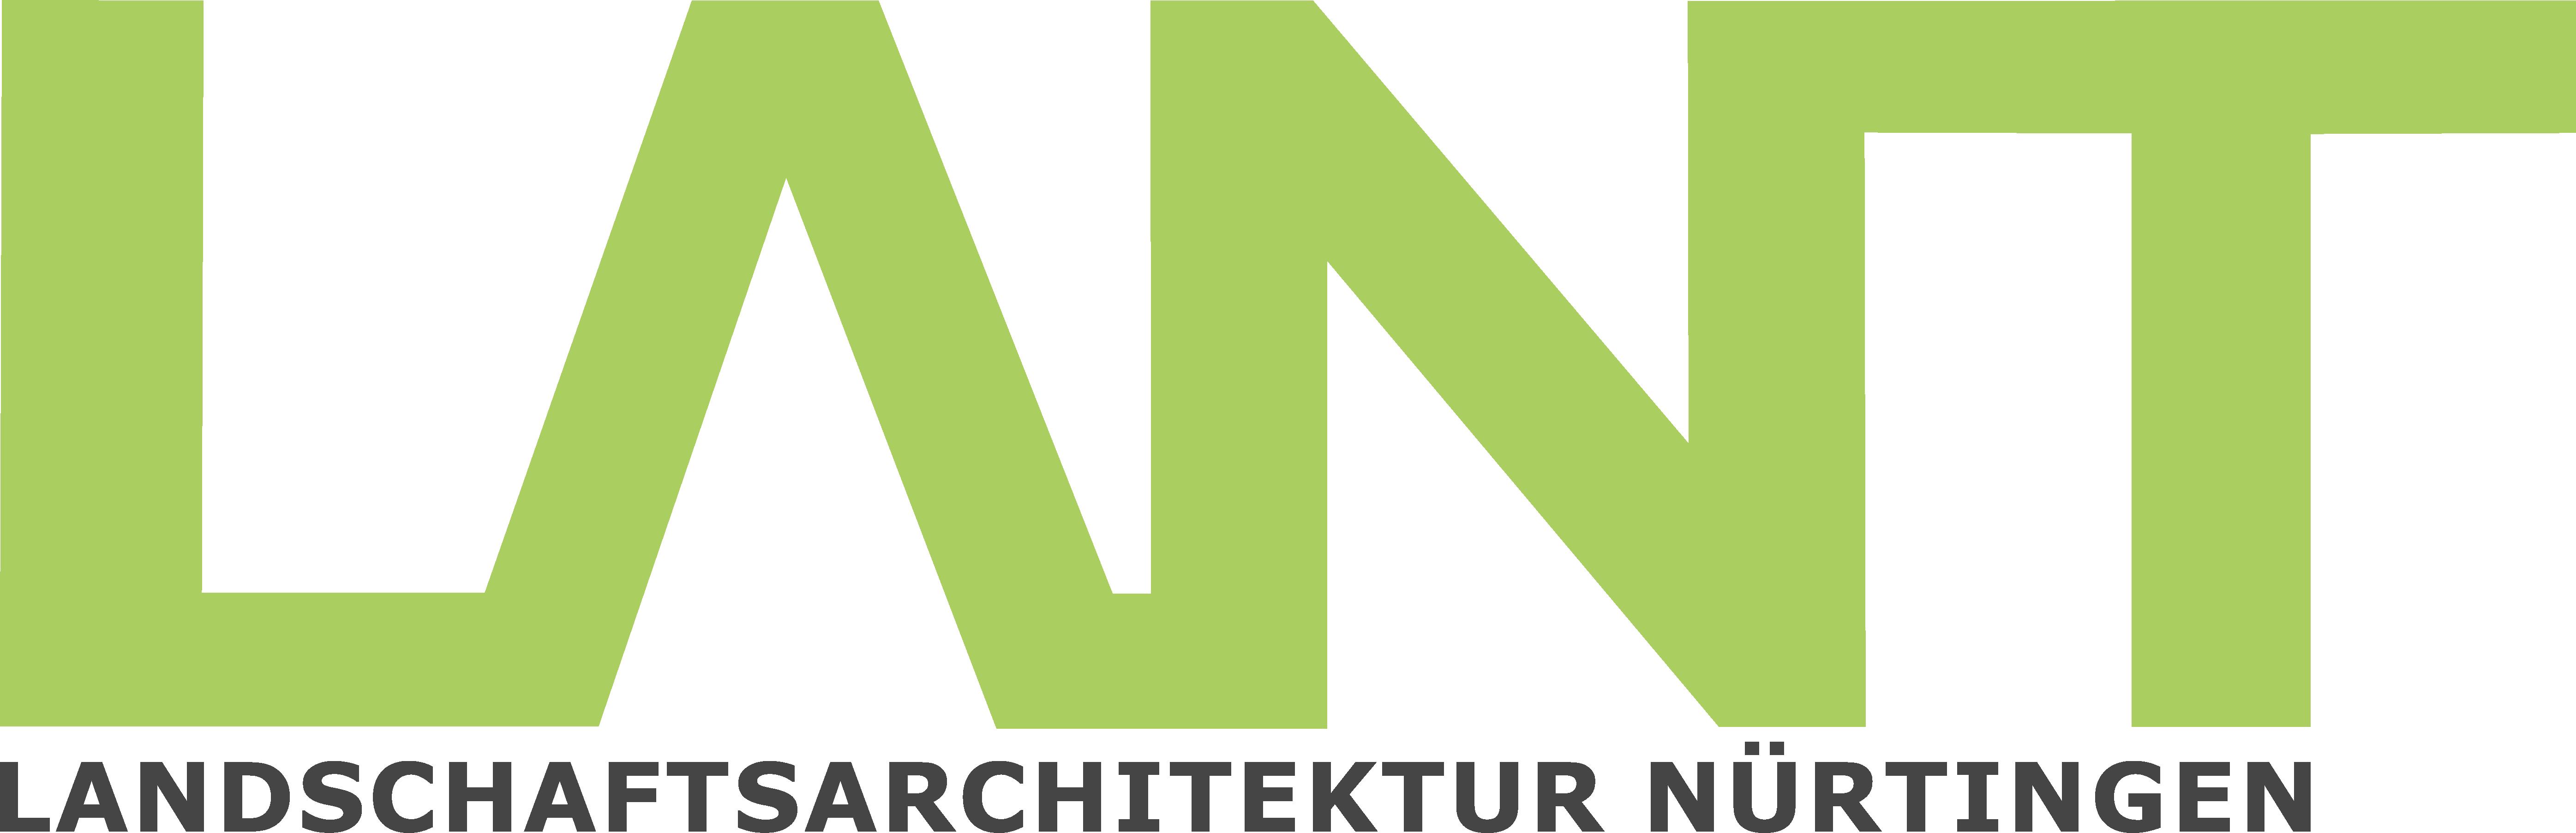 Logo LANT Grün Grau